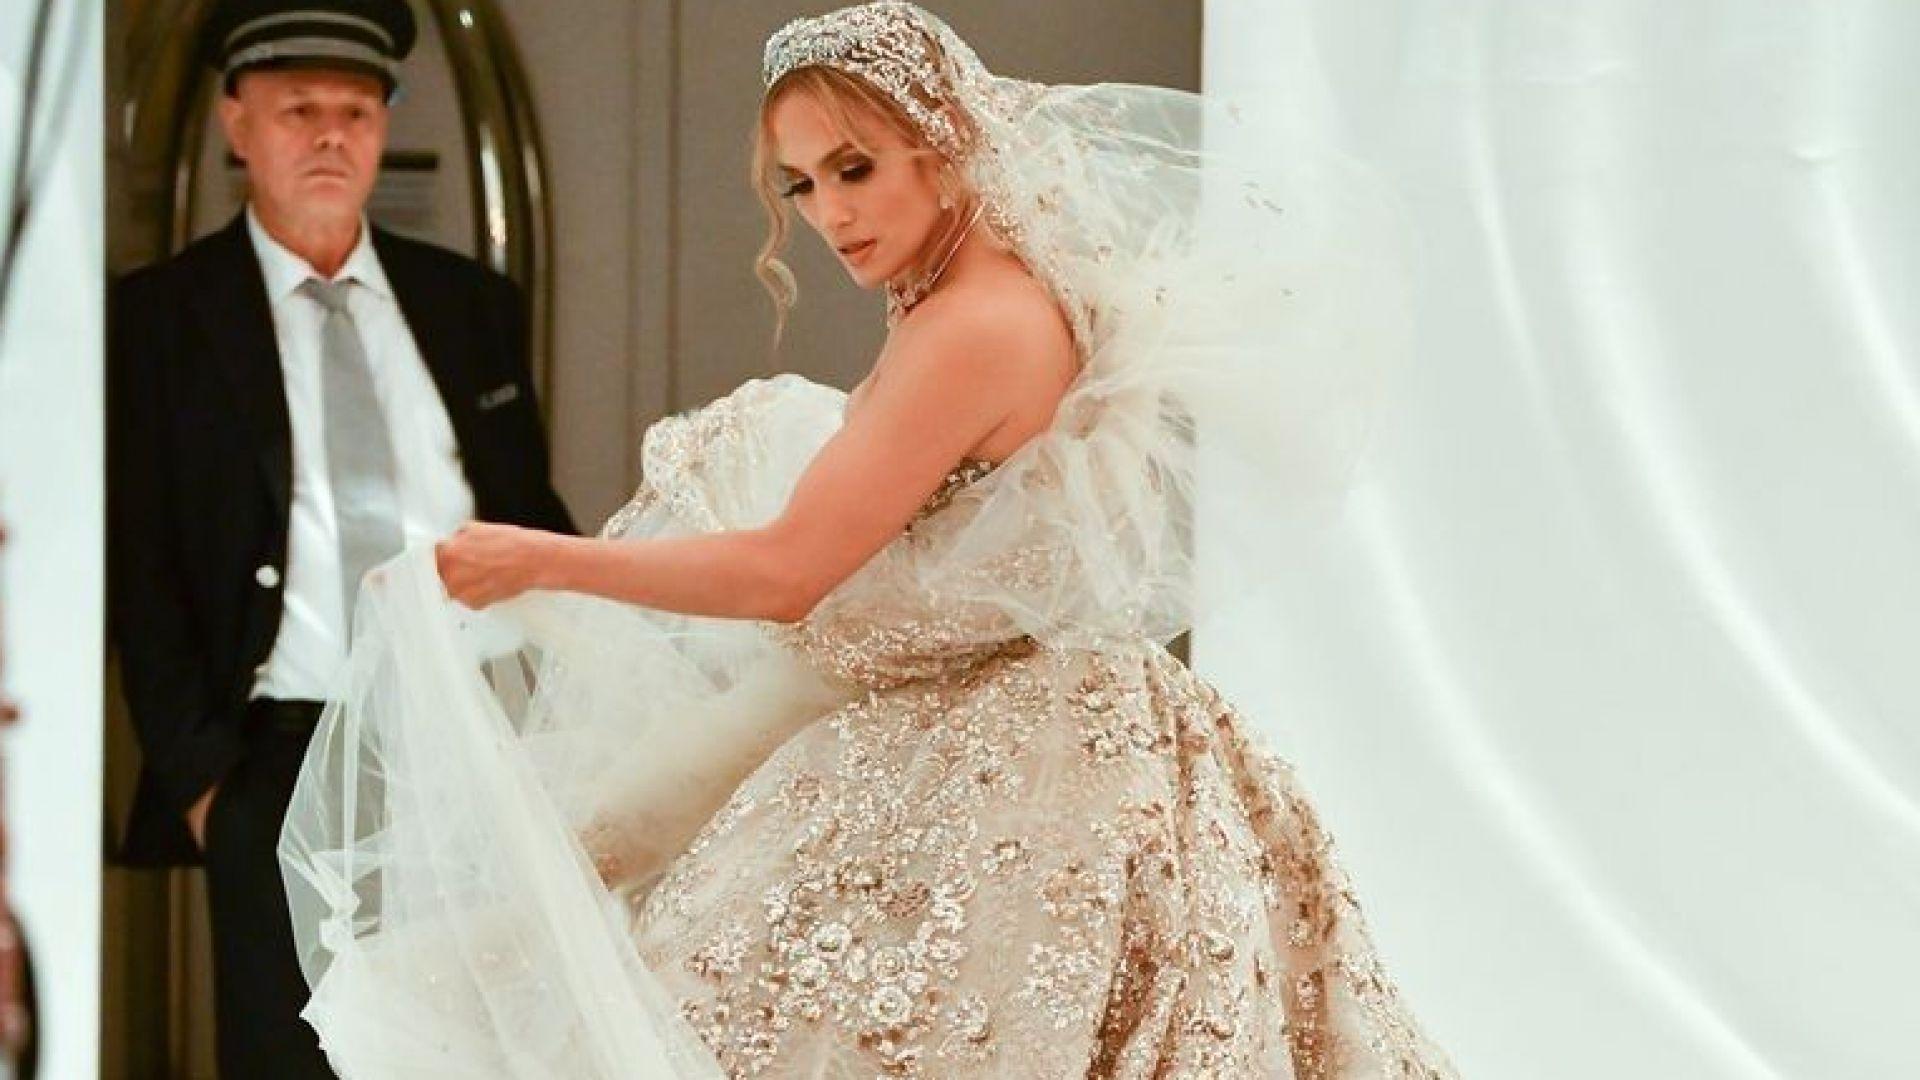 Джей Ло и Алекс Родригес ще се венчаят пред погледите на бившите си